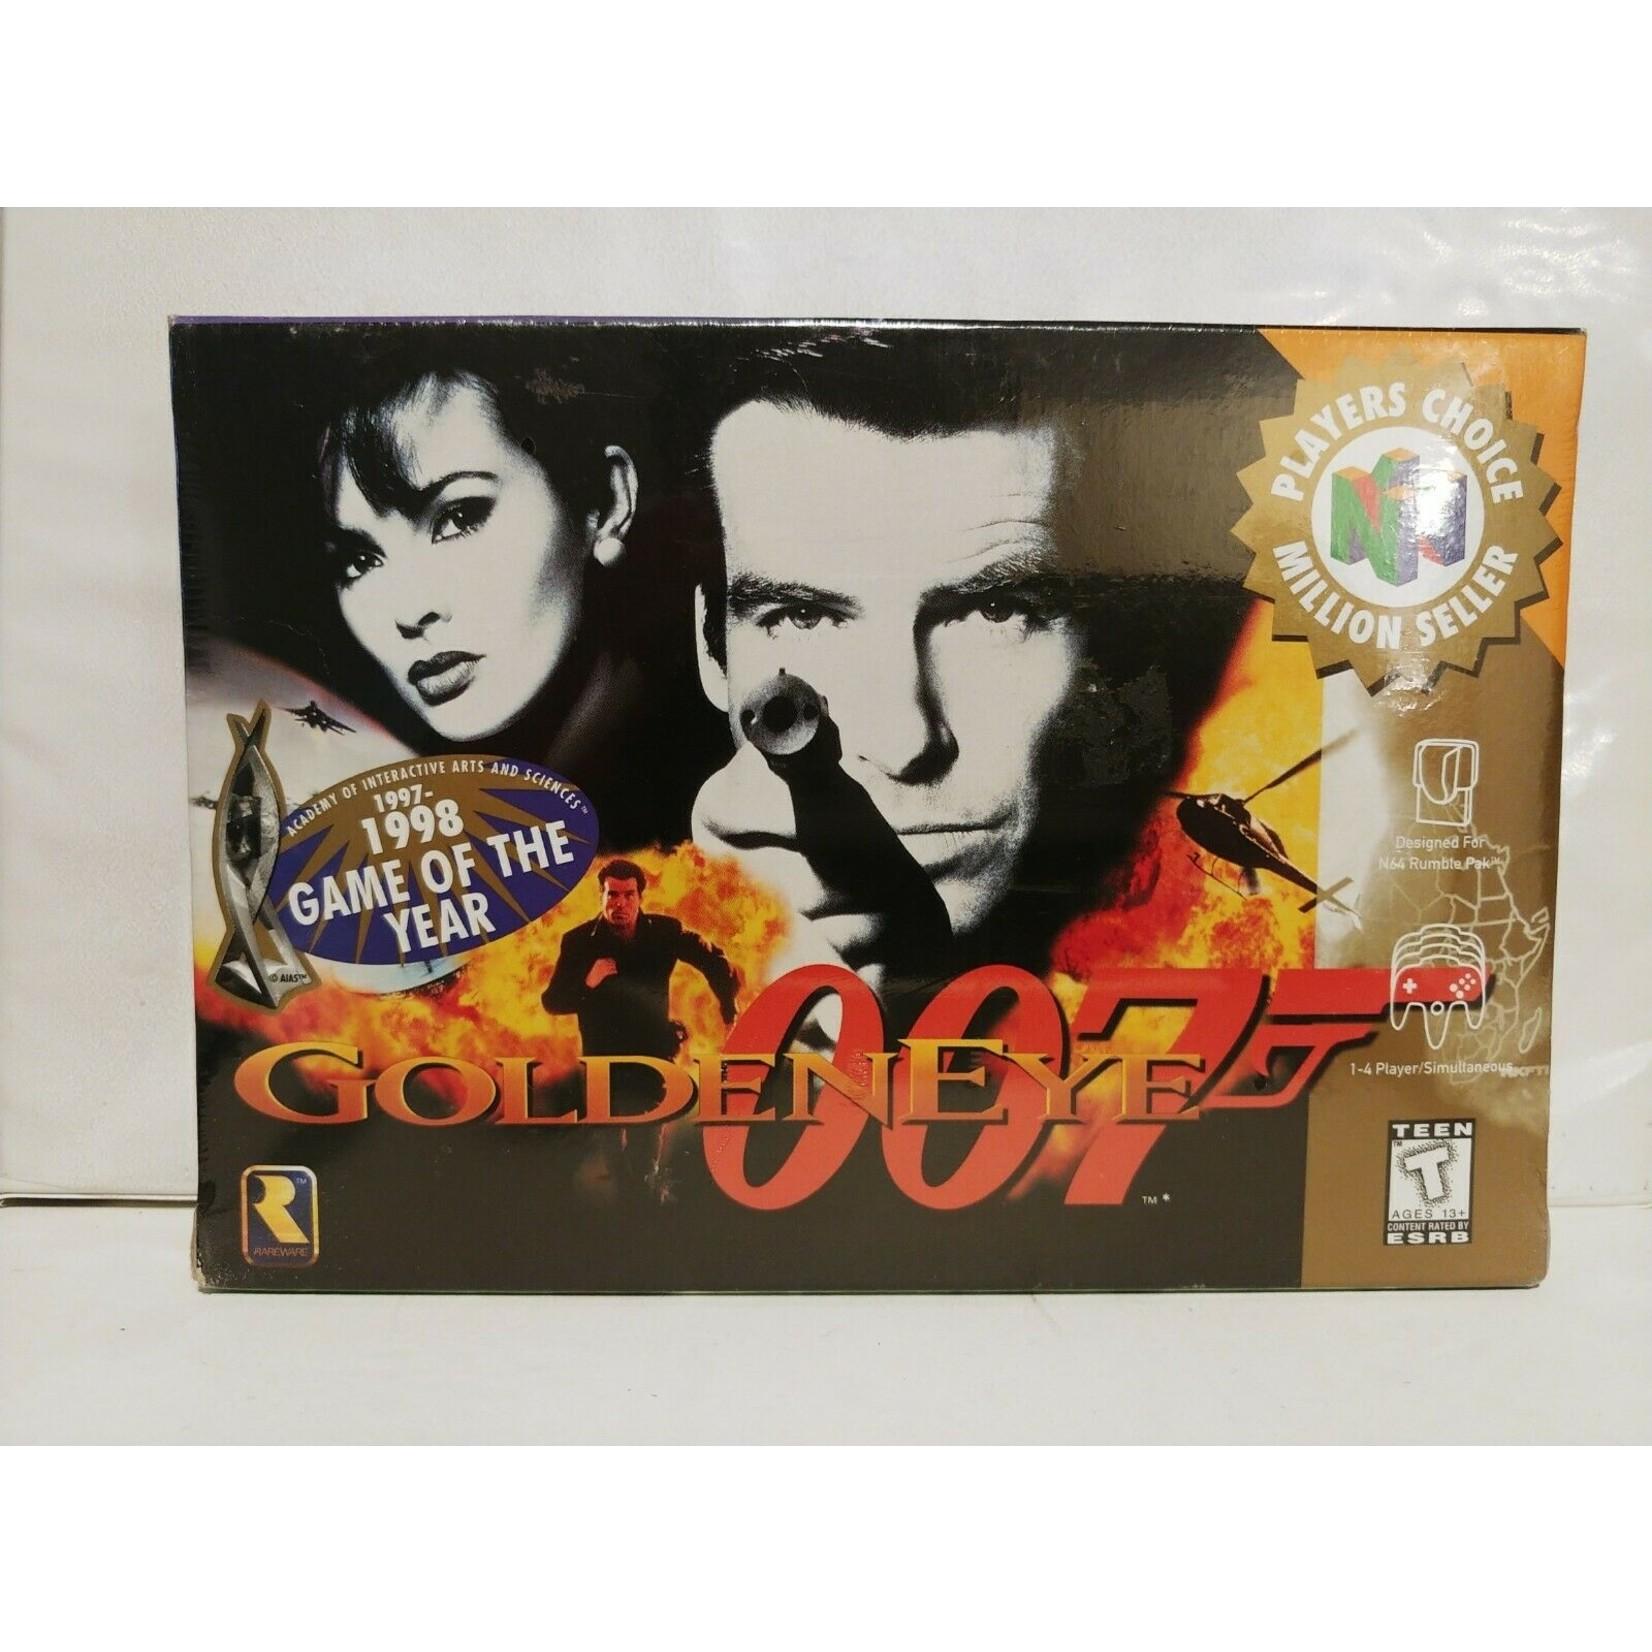 N64U-007 GOLDENEYE BOXED